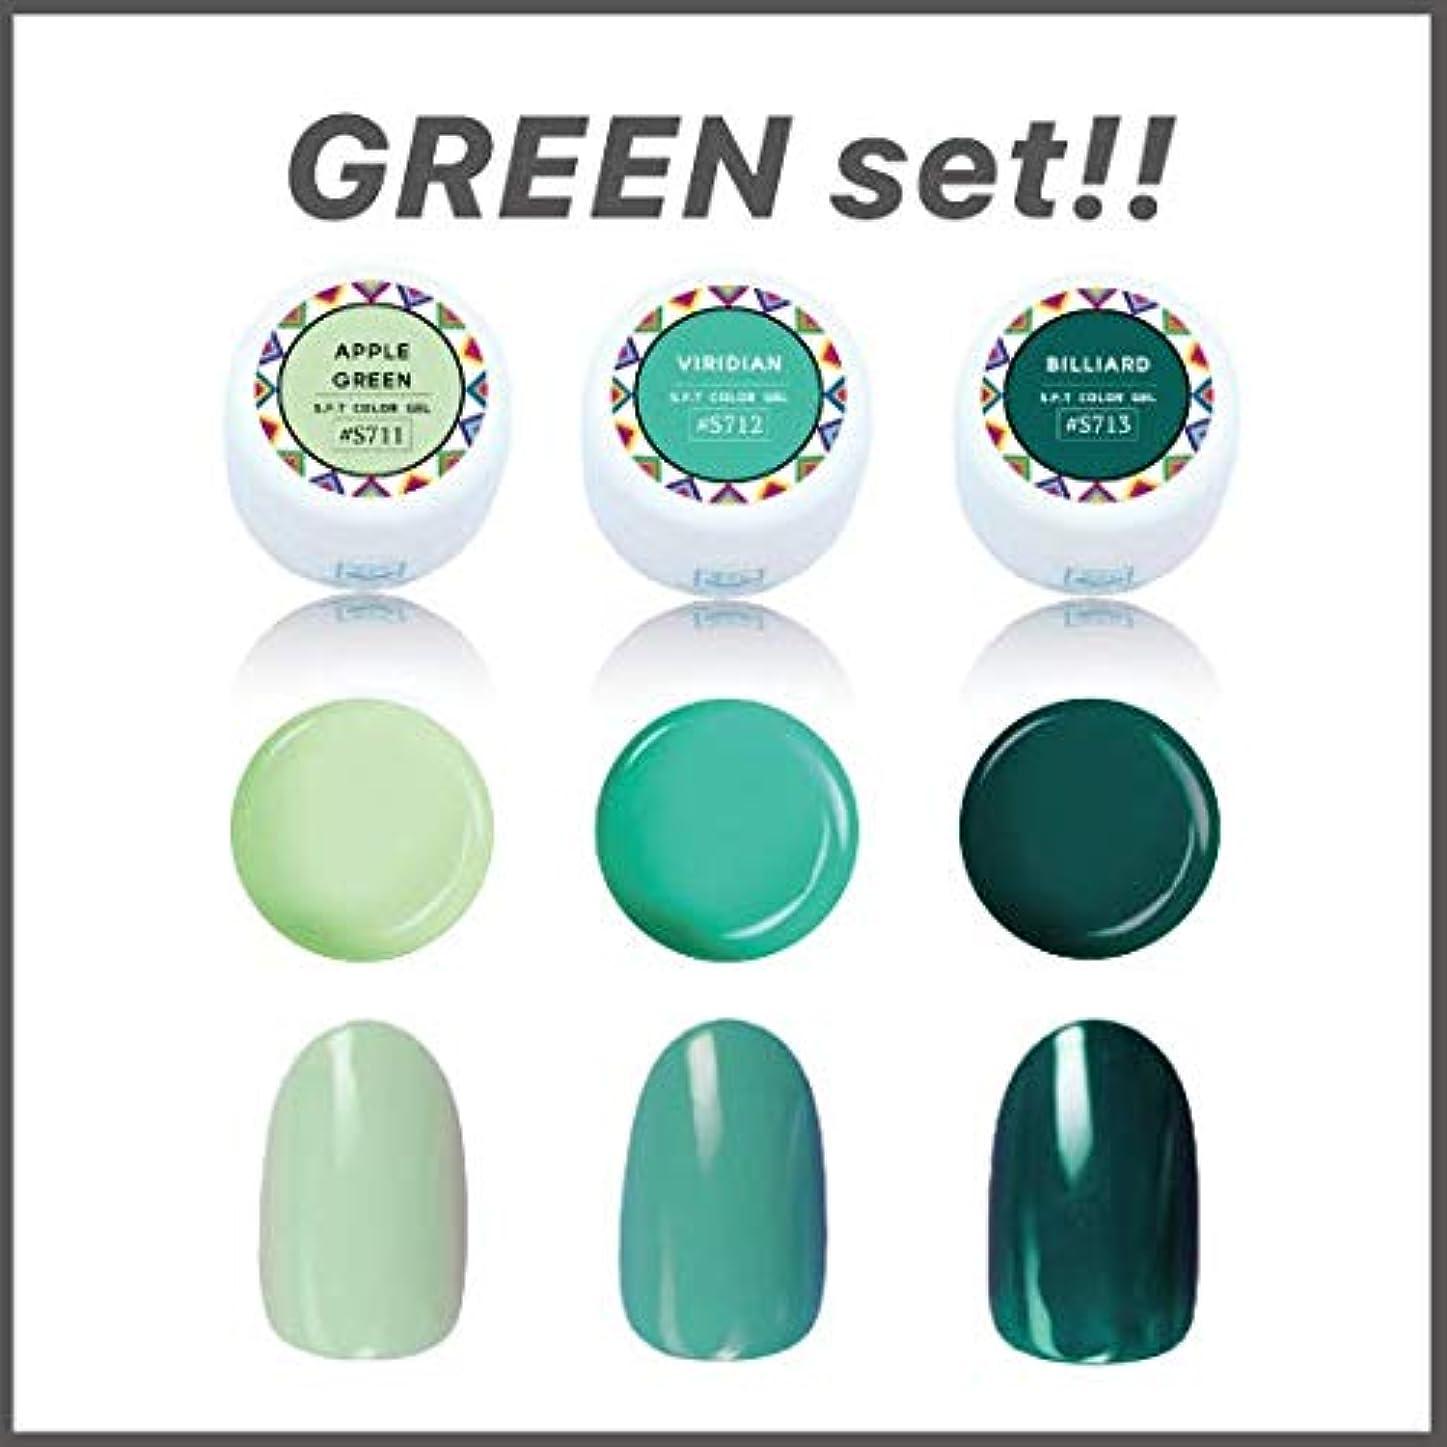 取り付け上級迅速日本製 ジェルネイル グリーンセット 3色セット FUNSIDË ファンサイド カラージェル グリーン 黄緑 ターコイズ